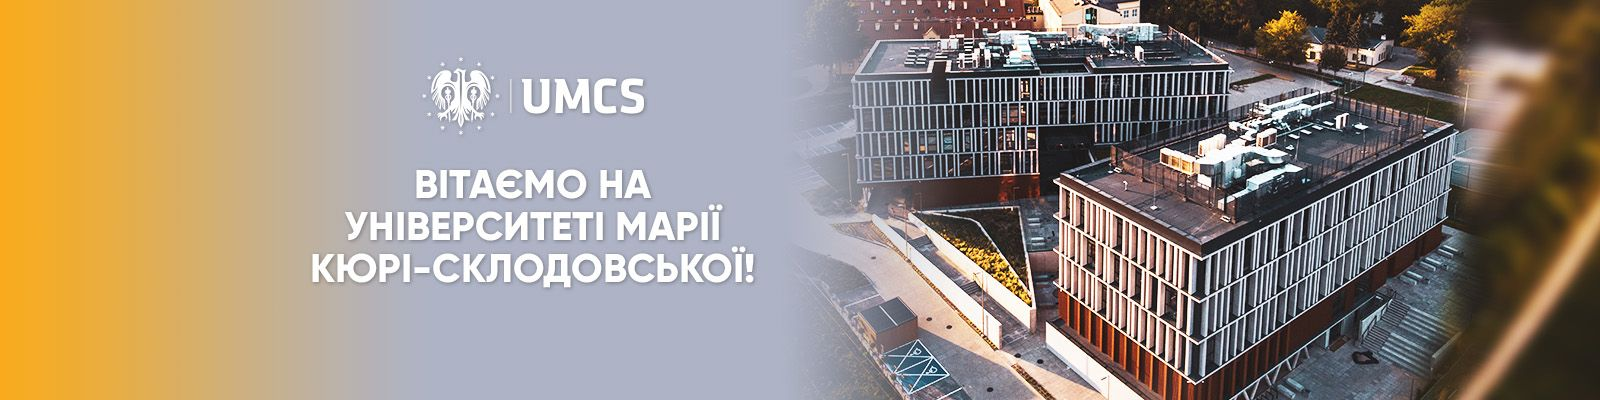 Вітаємо на UMCS!